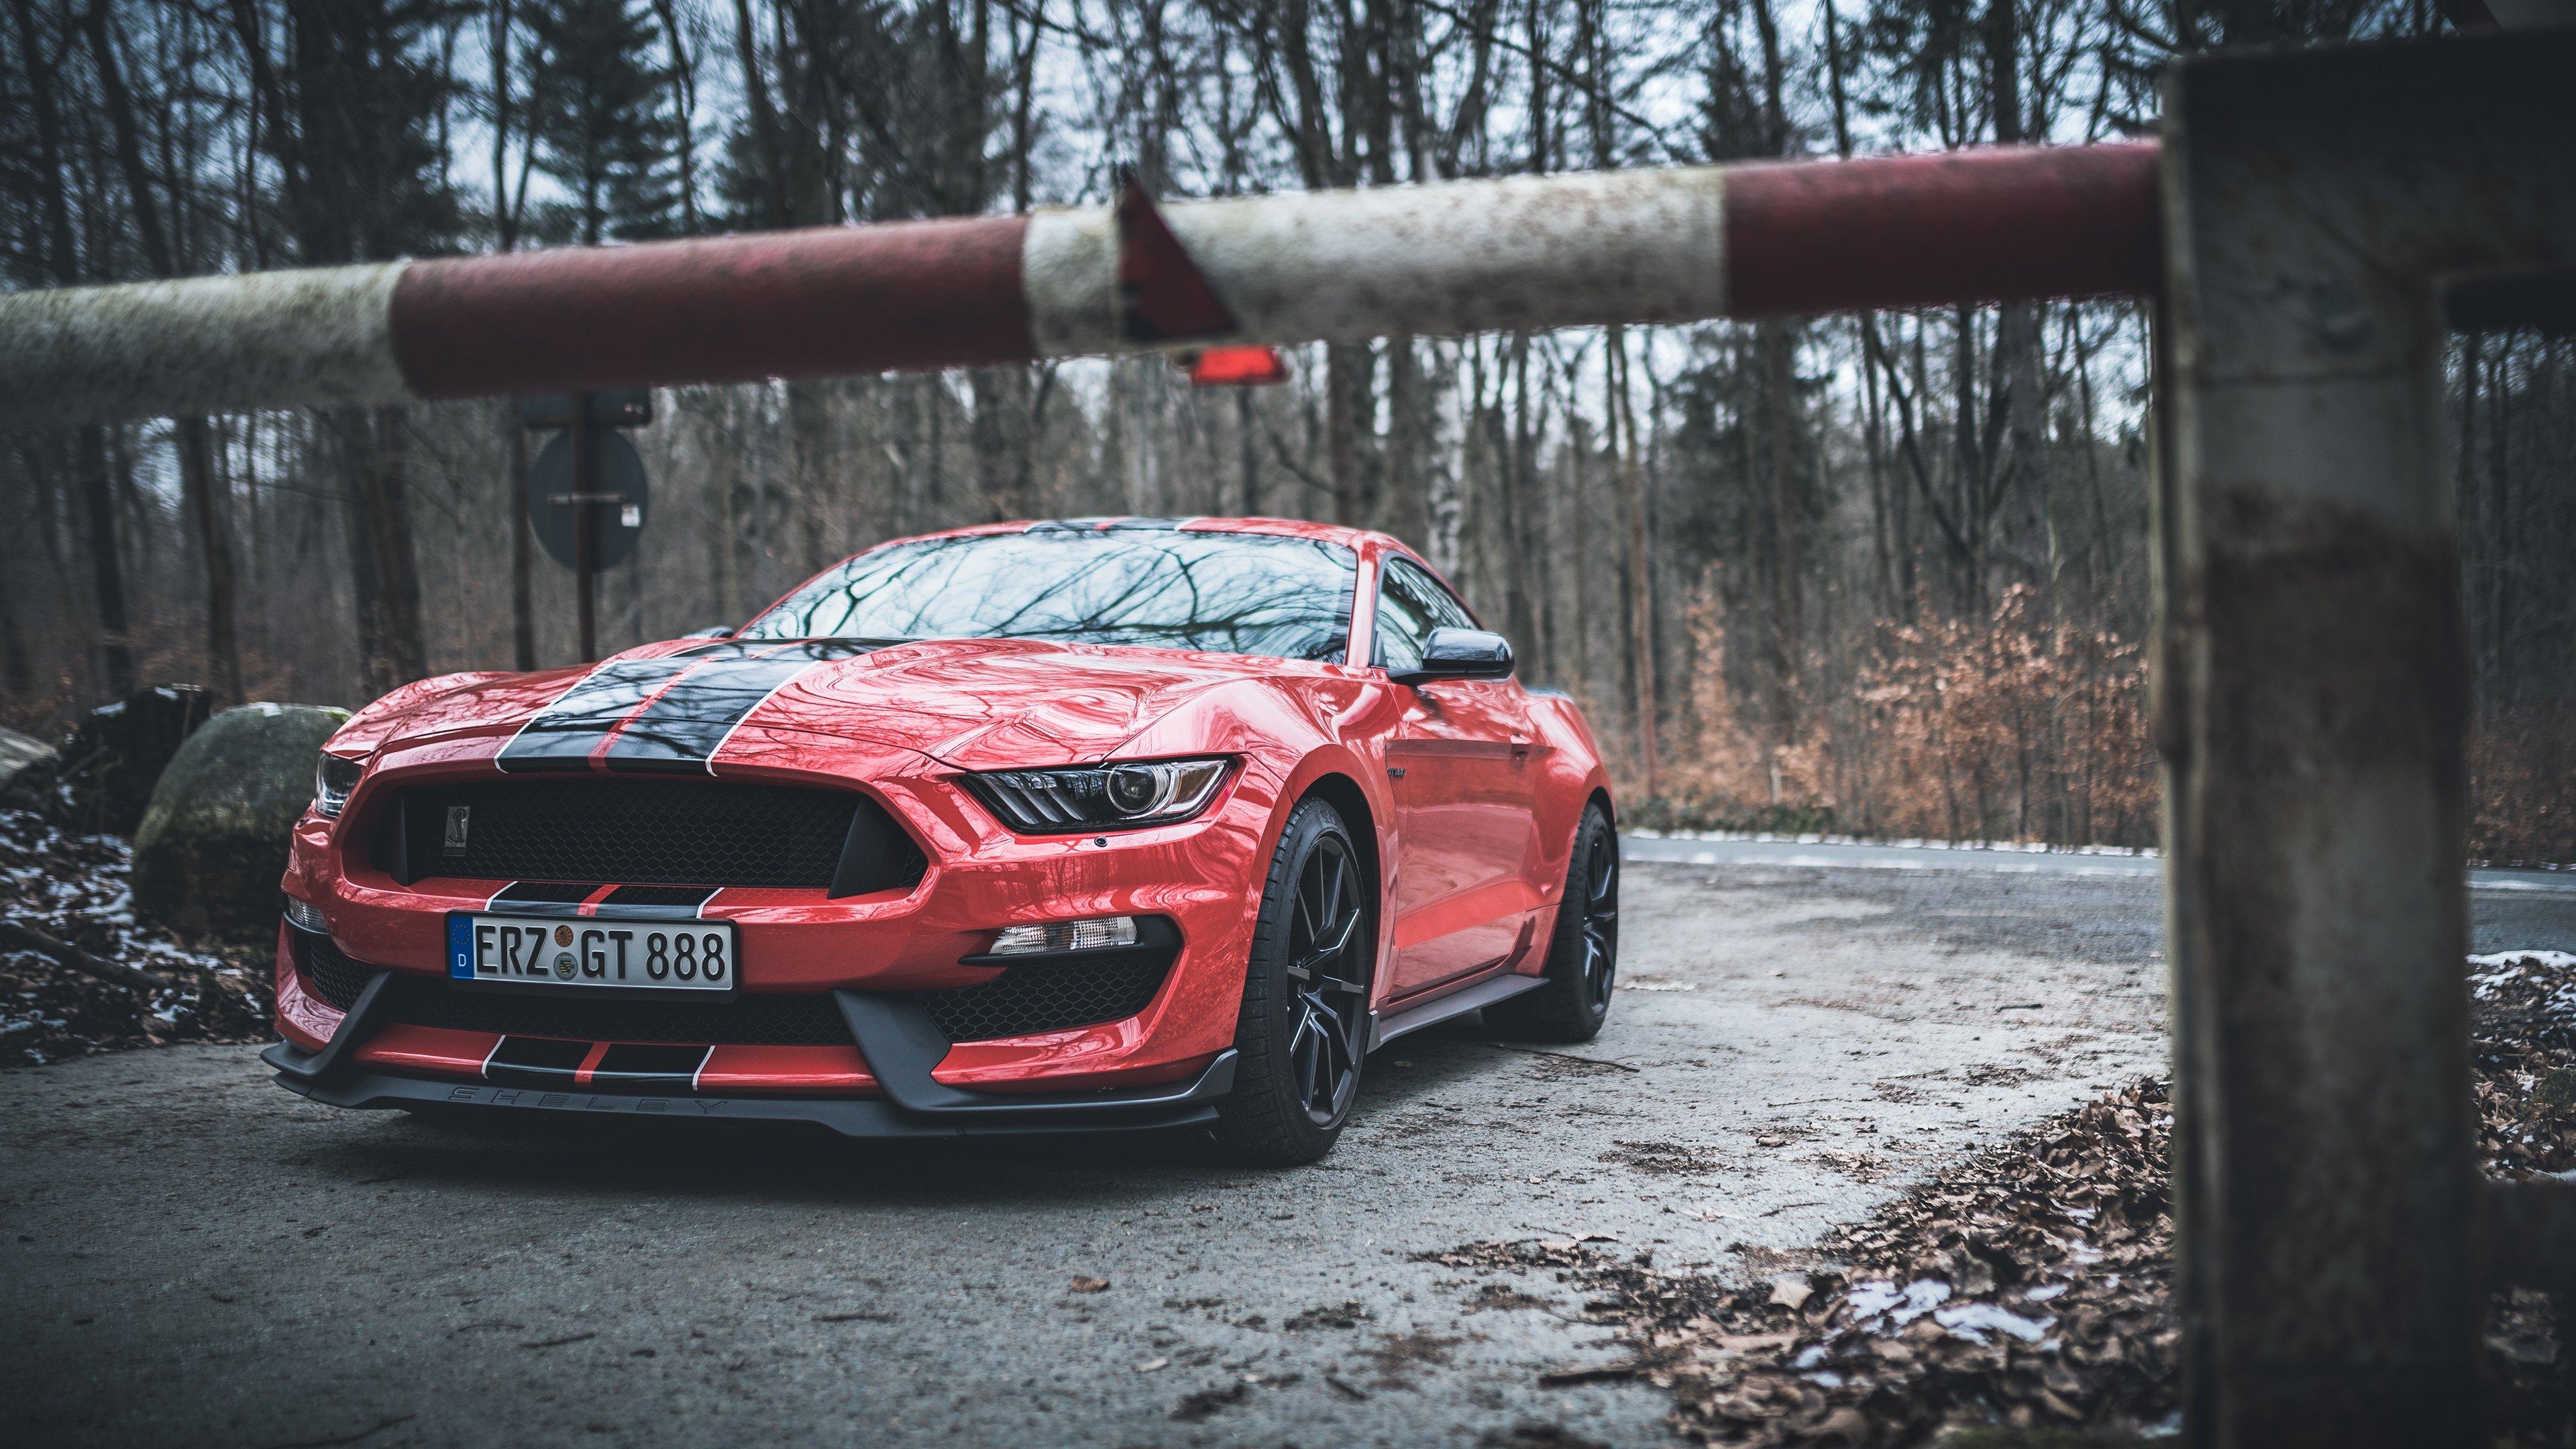 Fondos de pantalla Ford Mustang Shelby GT350 rojo con rayas negras